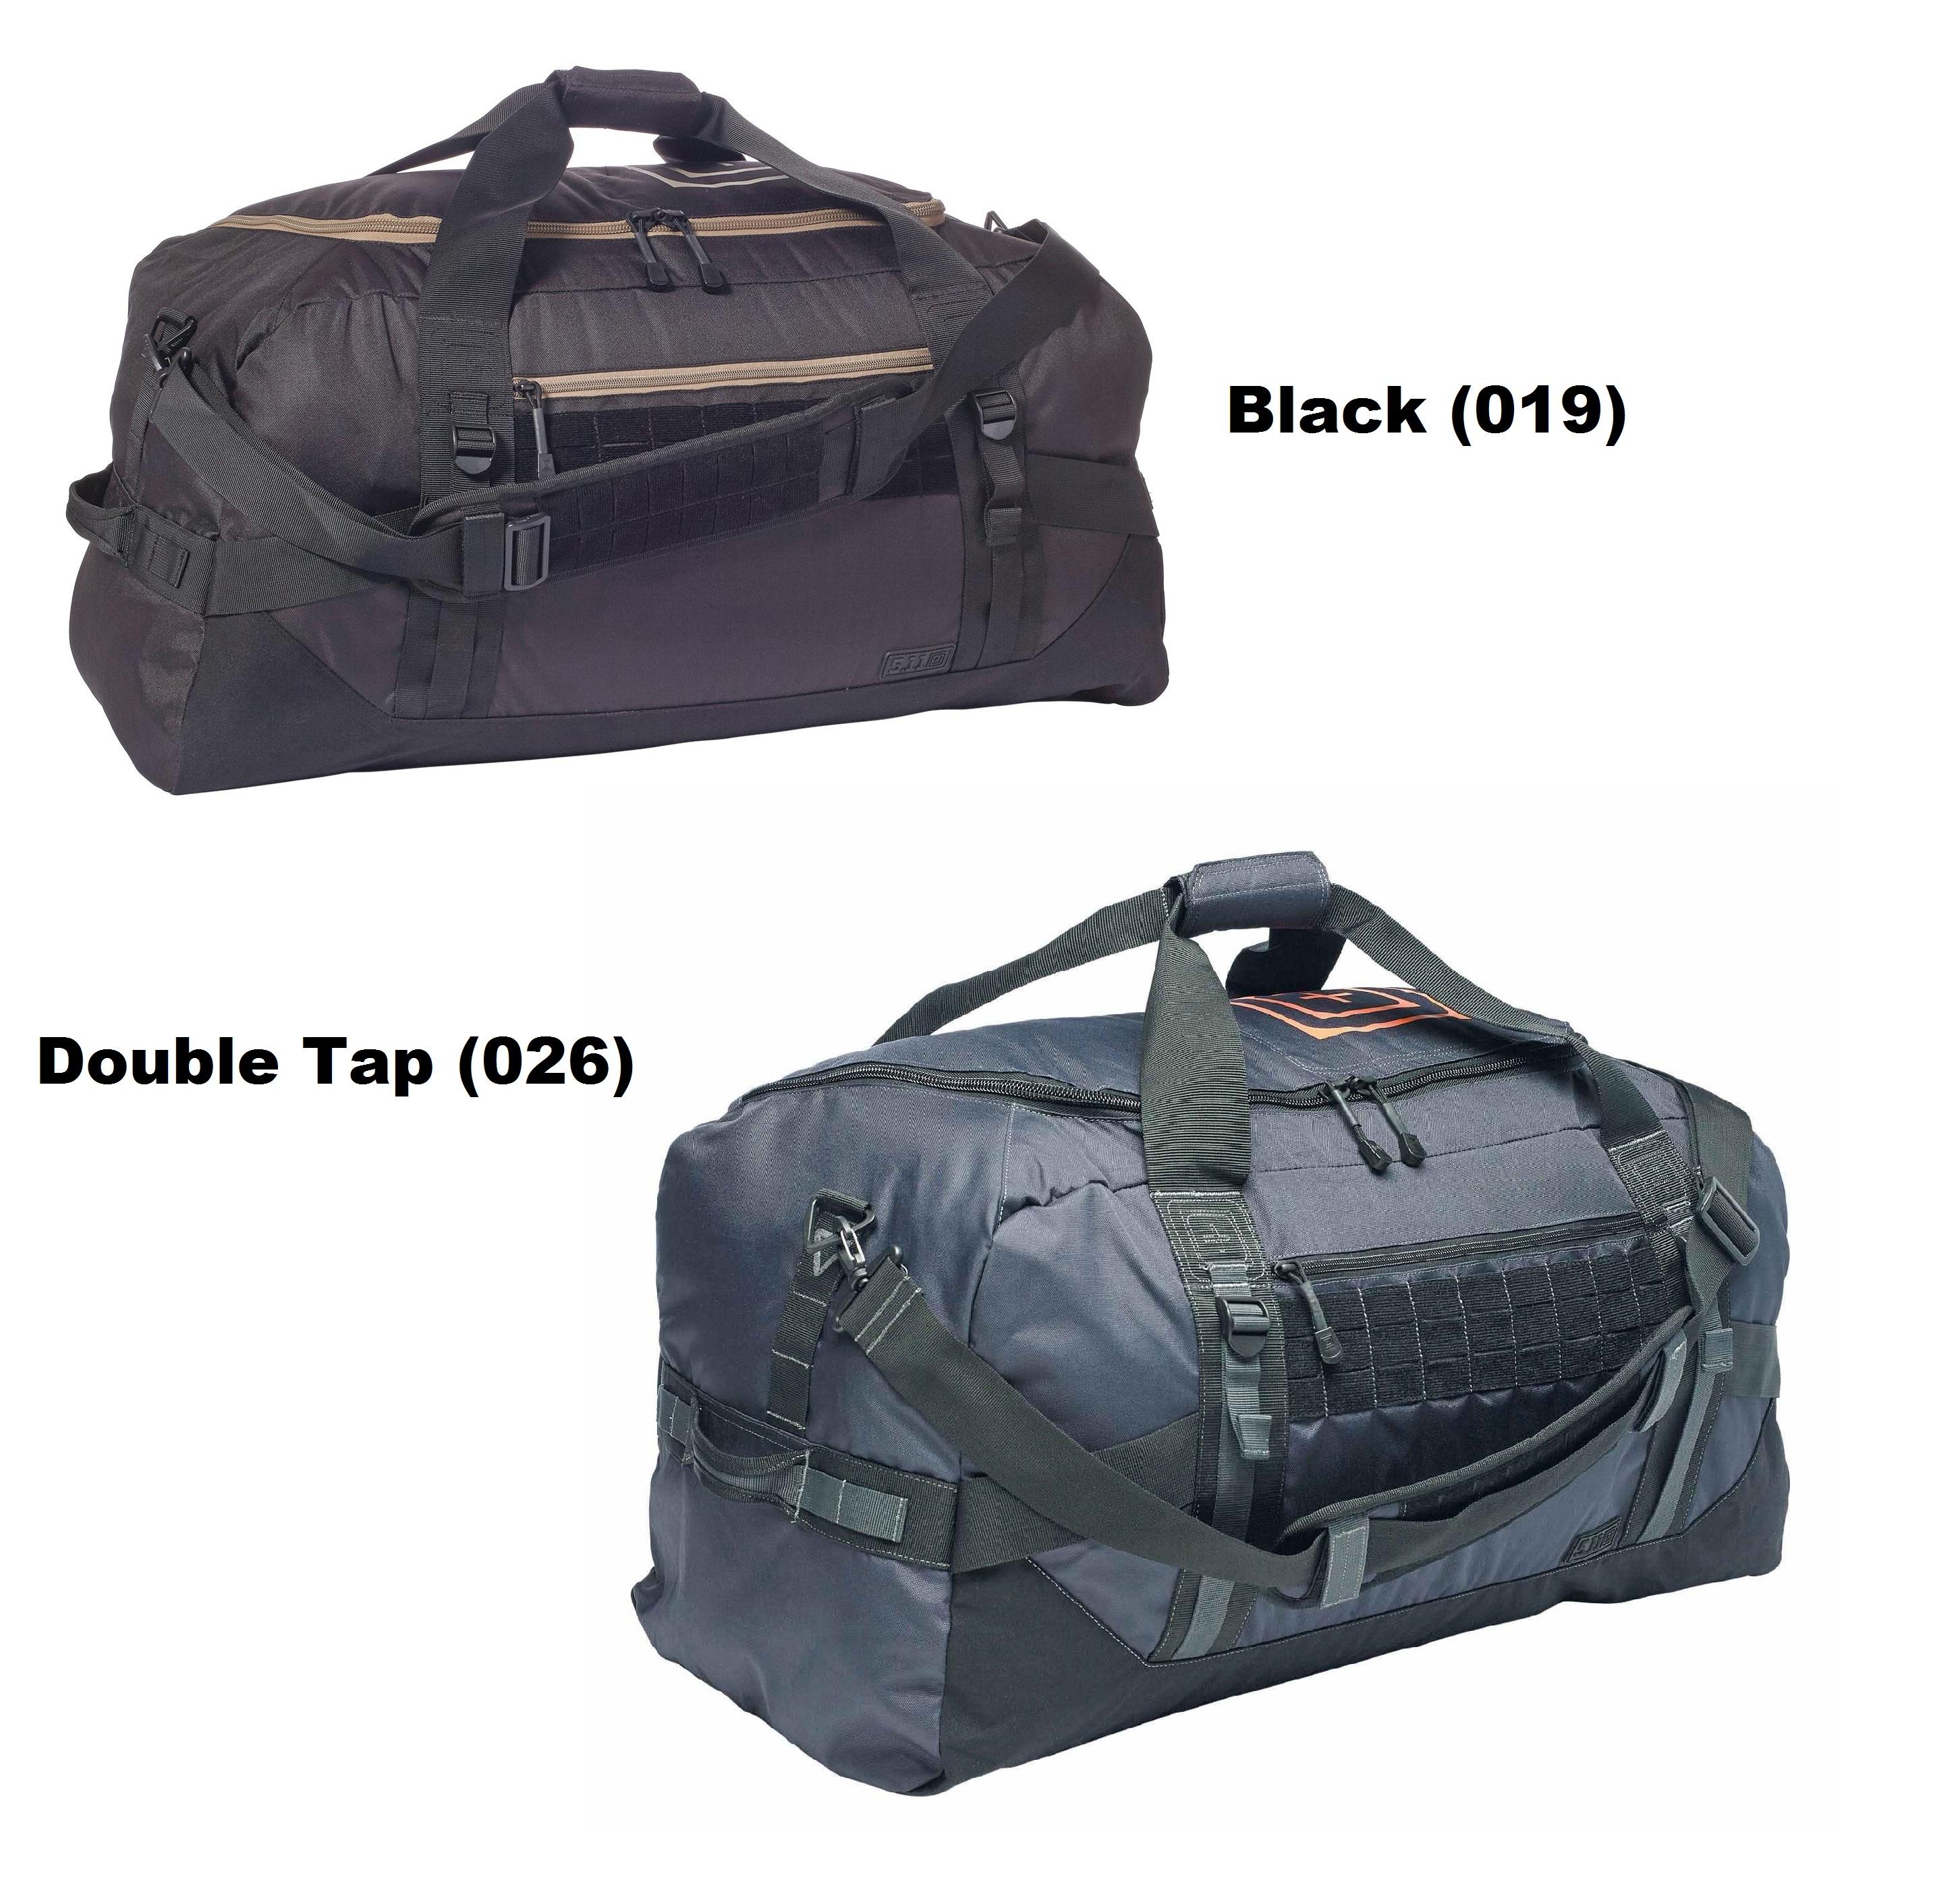 8ddd7957cb Сумка дорожная 5.11 Tactical NBT DUFFLE XRAY купить или заказать в ...